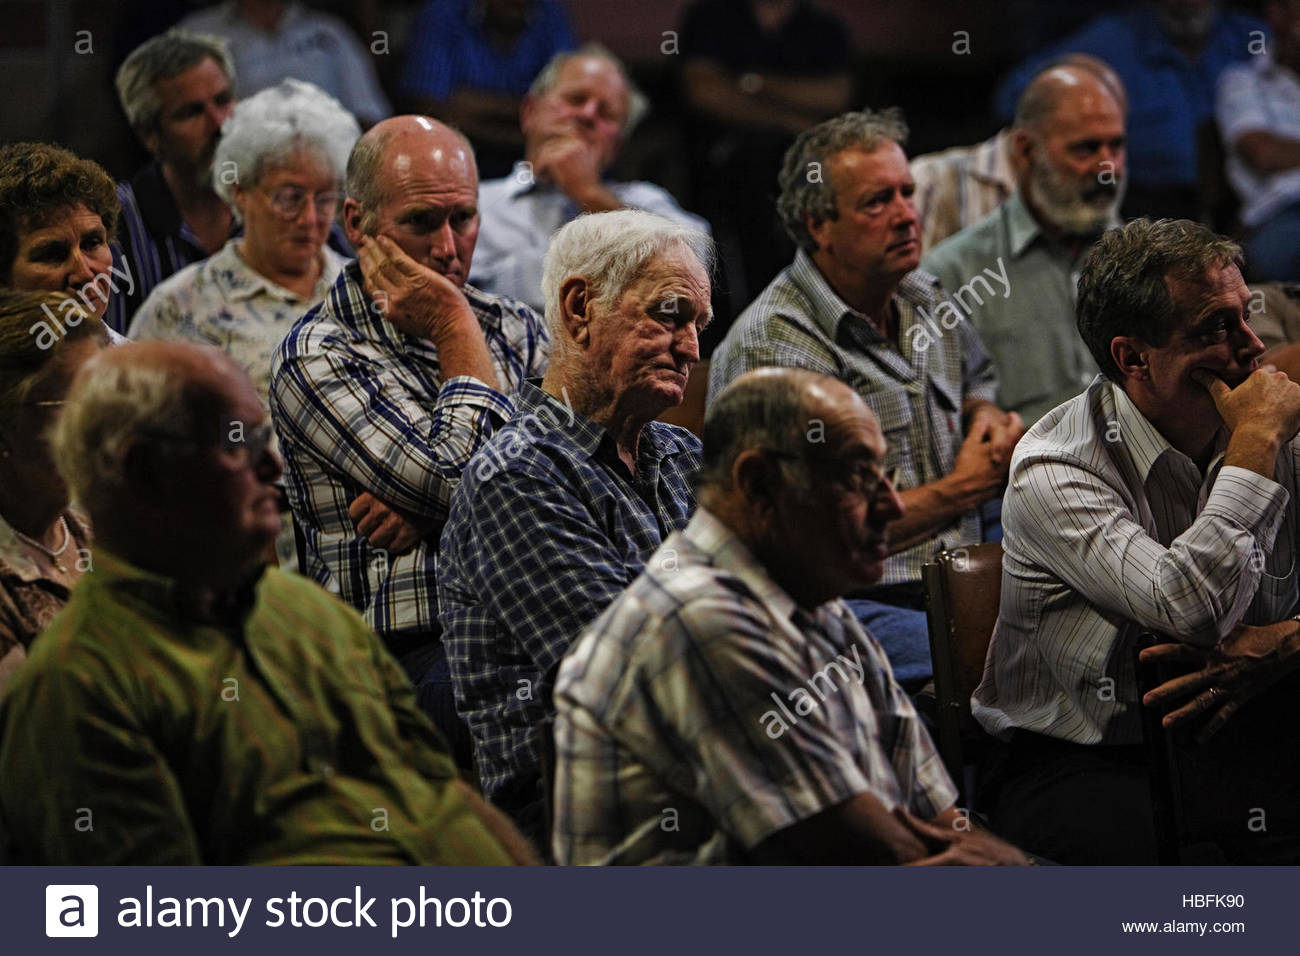 Coltivatori di riso discutere problemi di acqua in una riunione. Immagini Stock